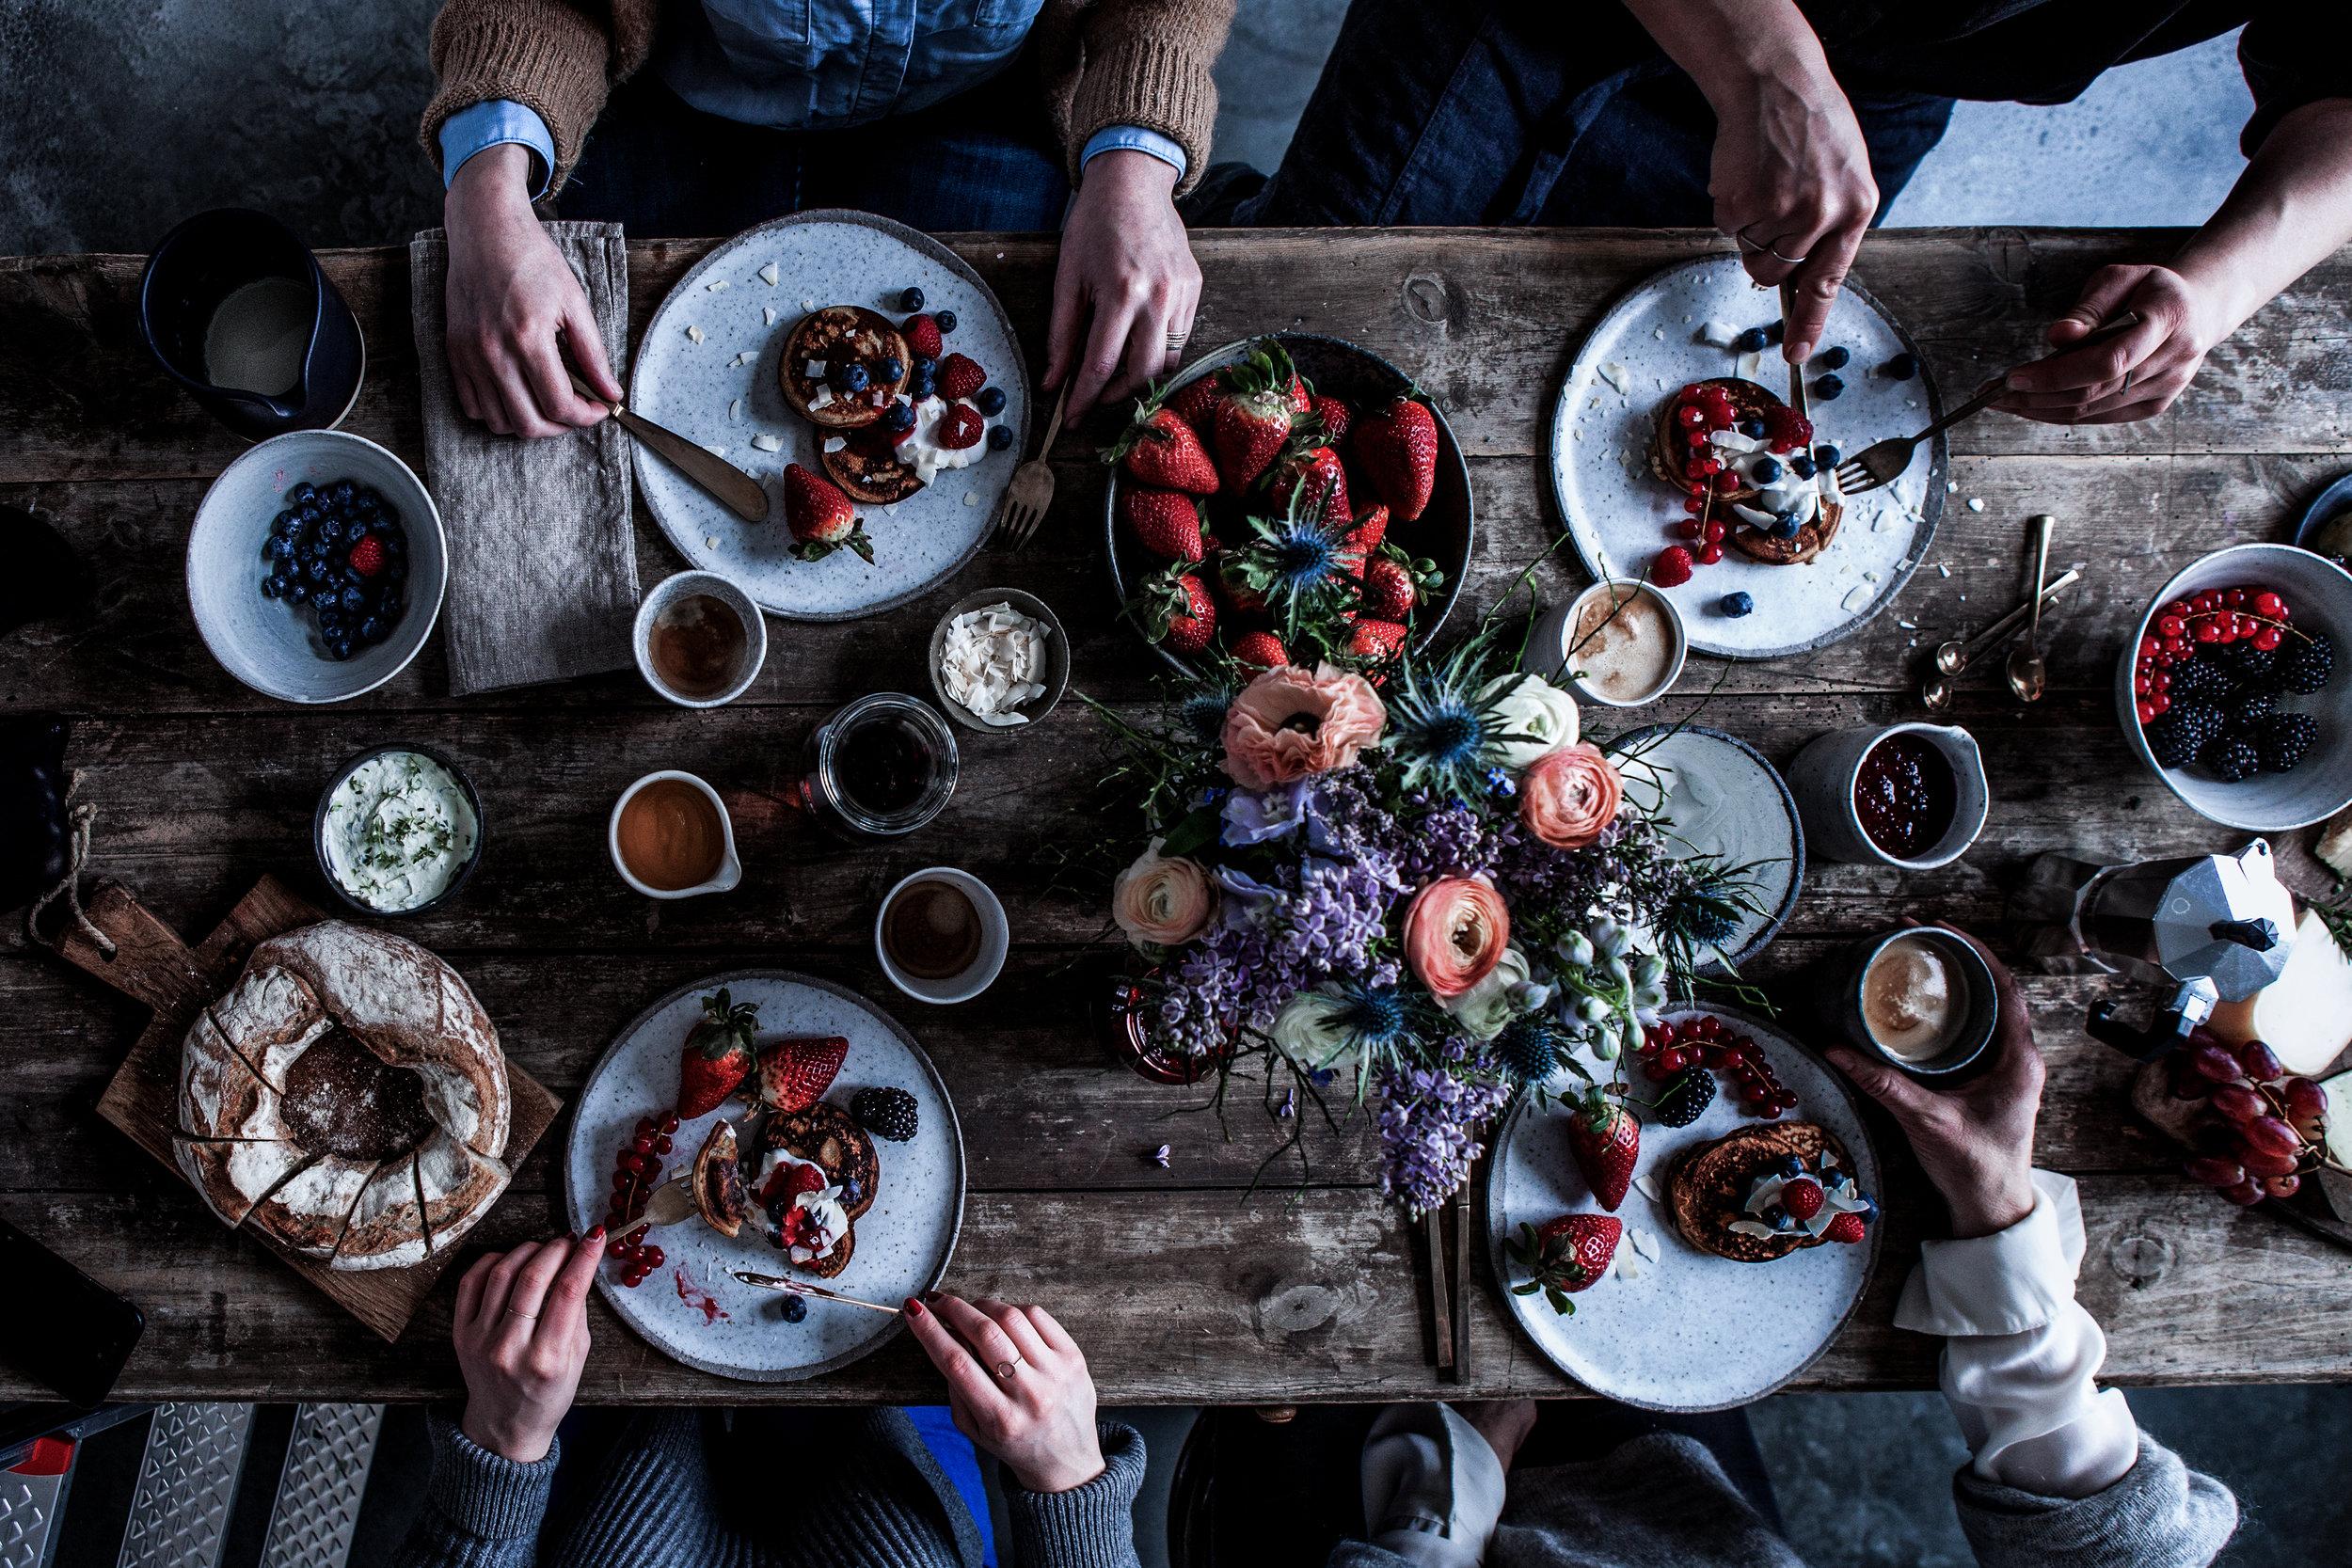 Gathering_foodstories_studio_Siforellana.jpg